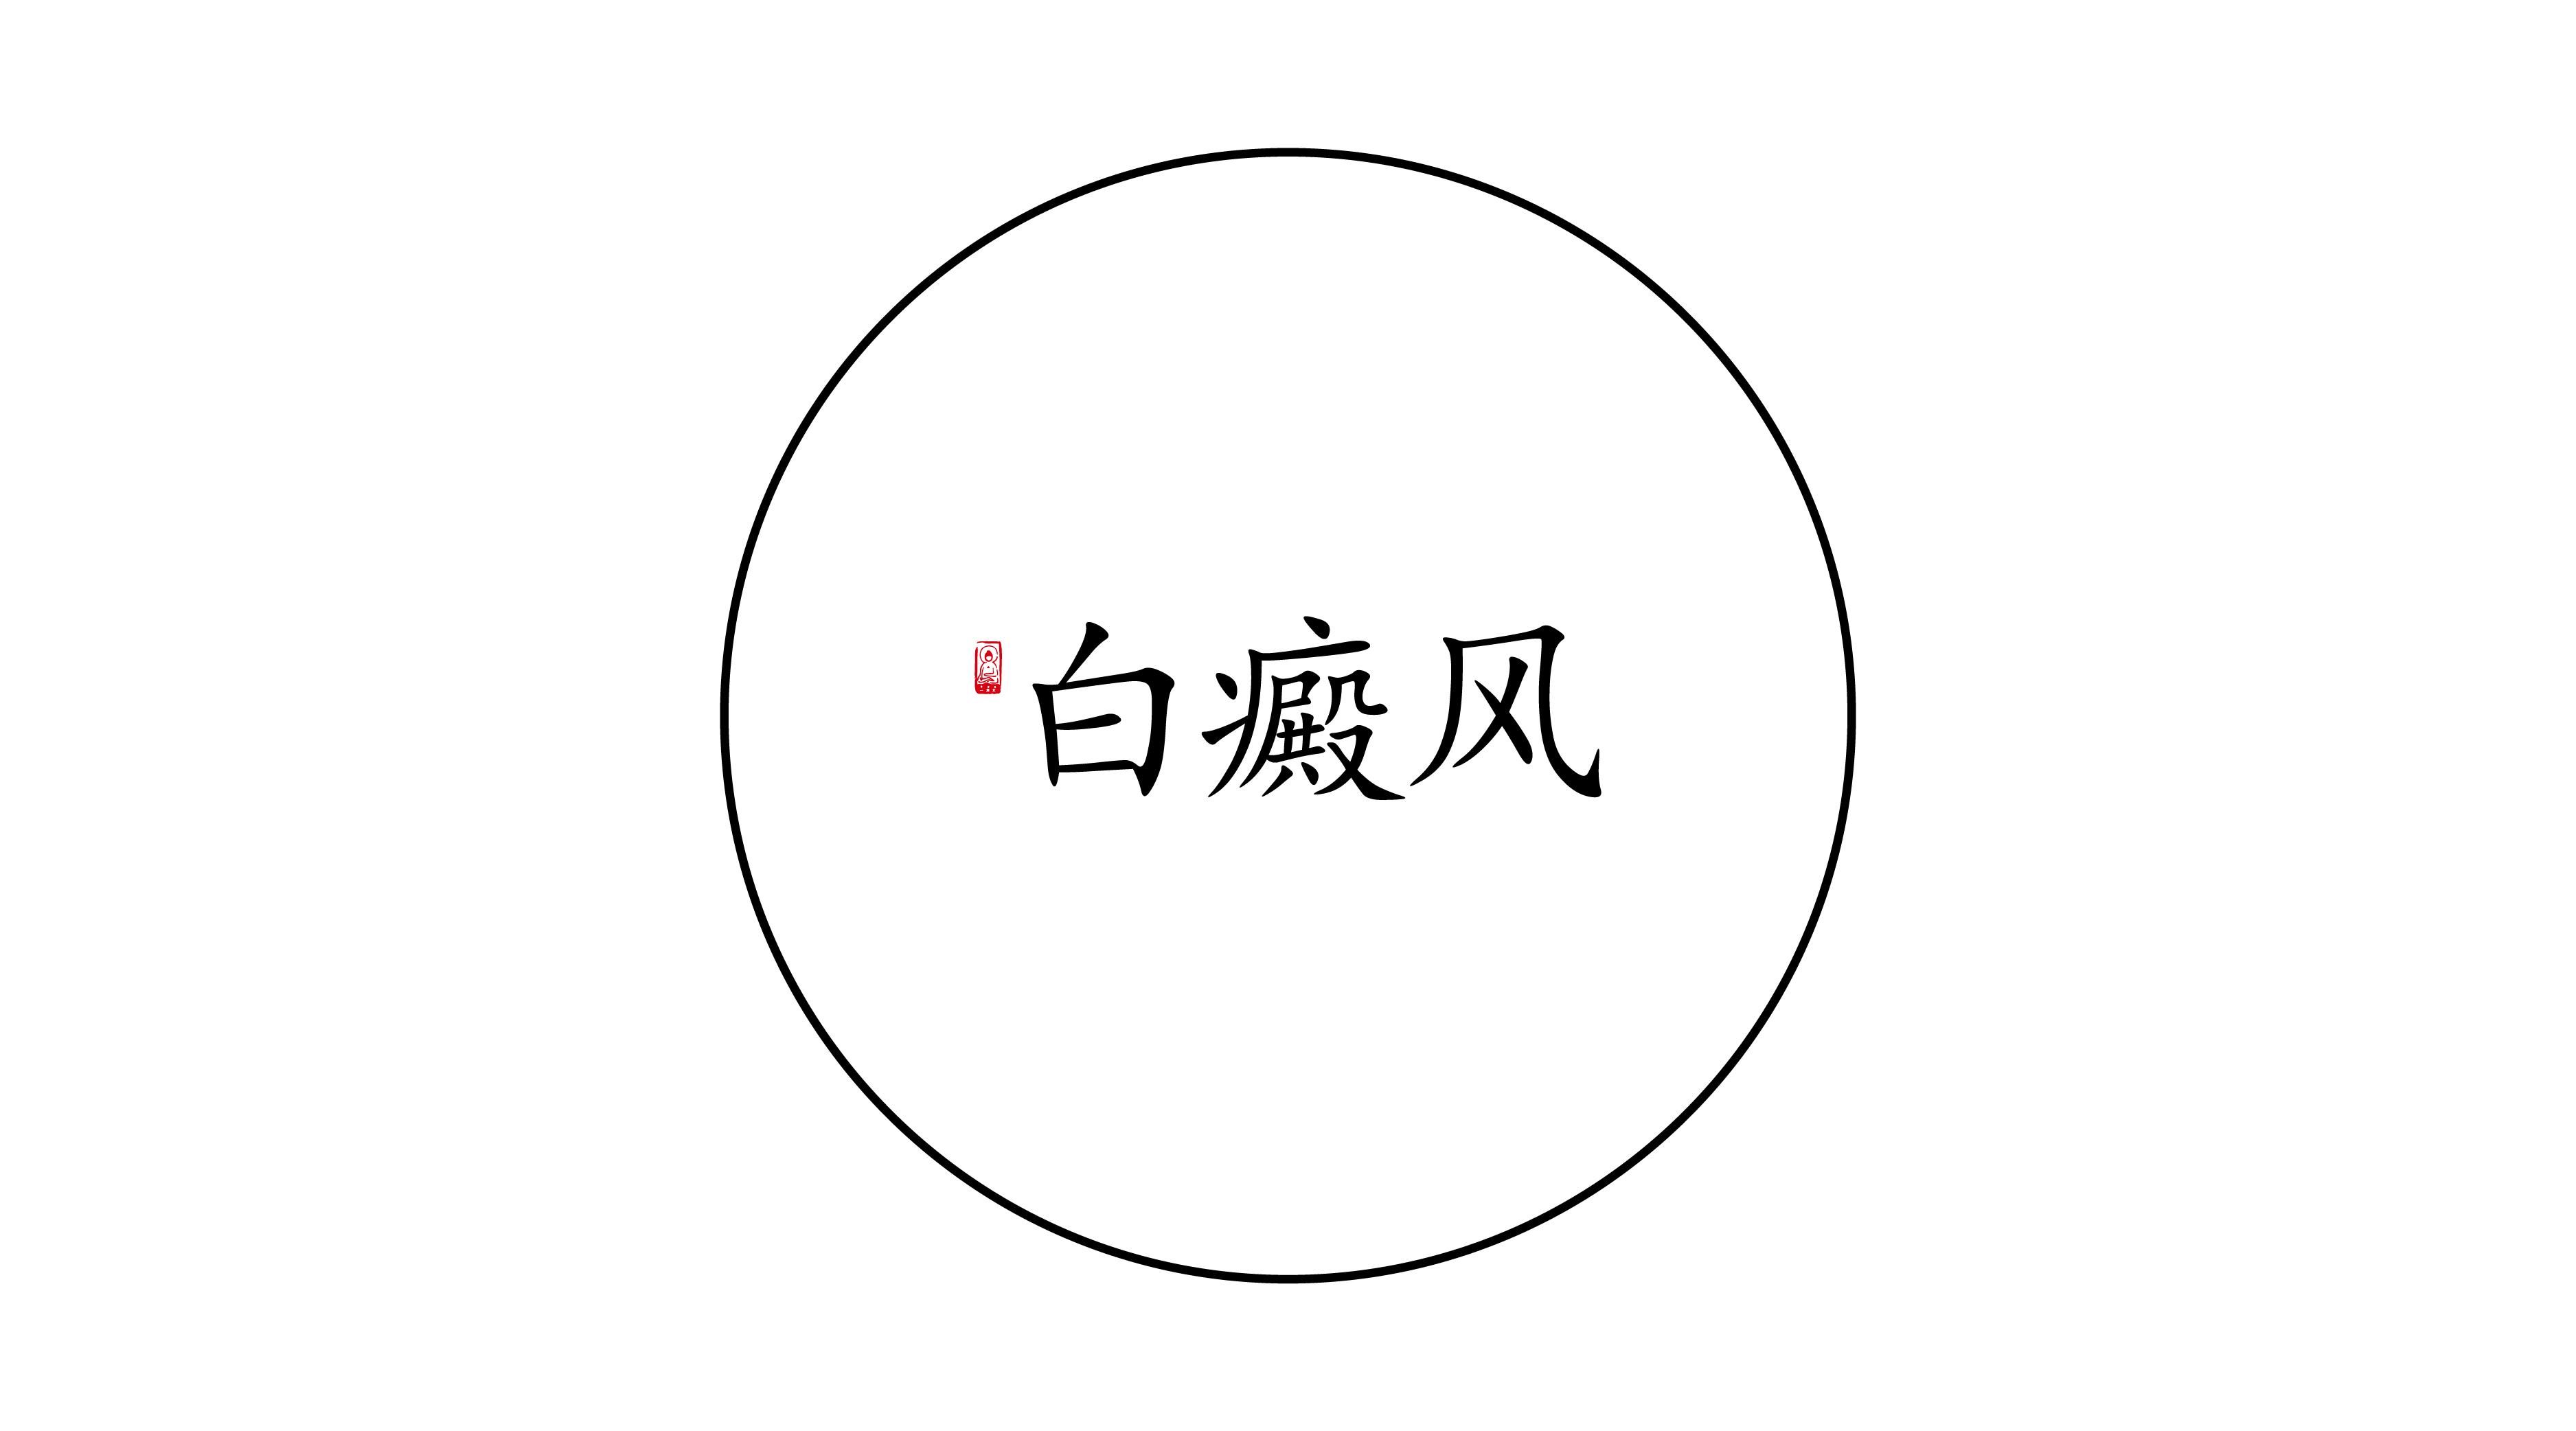 上海医院答斑秃和白癜风有什么关系呢?